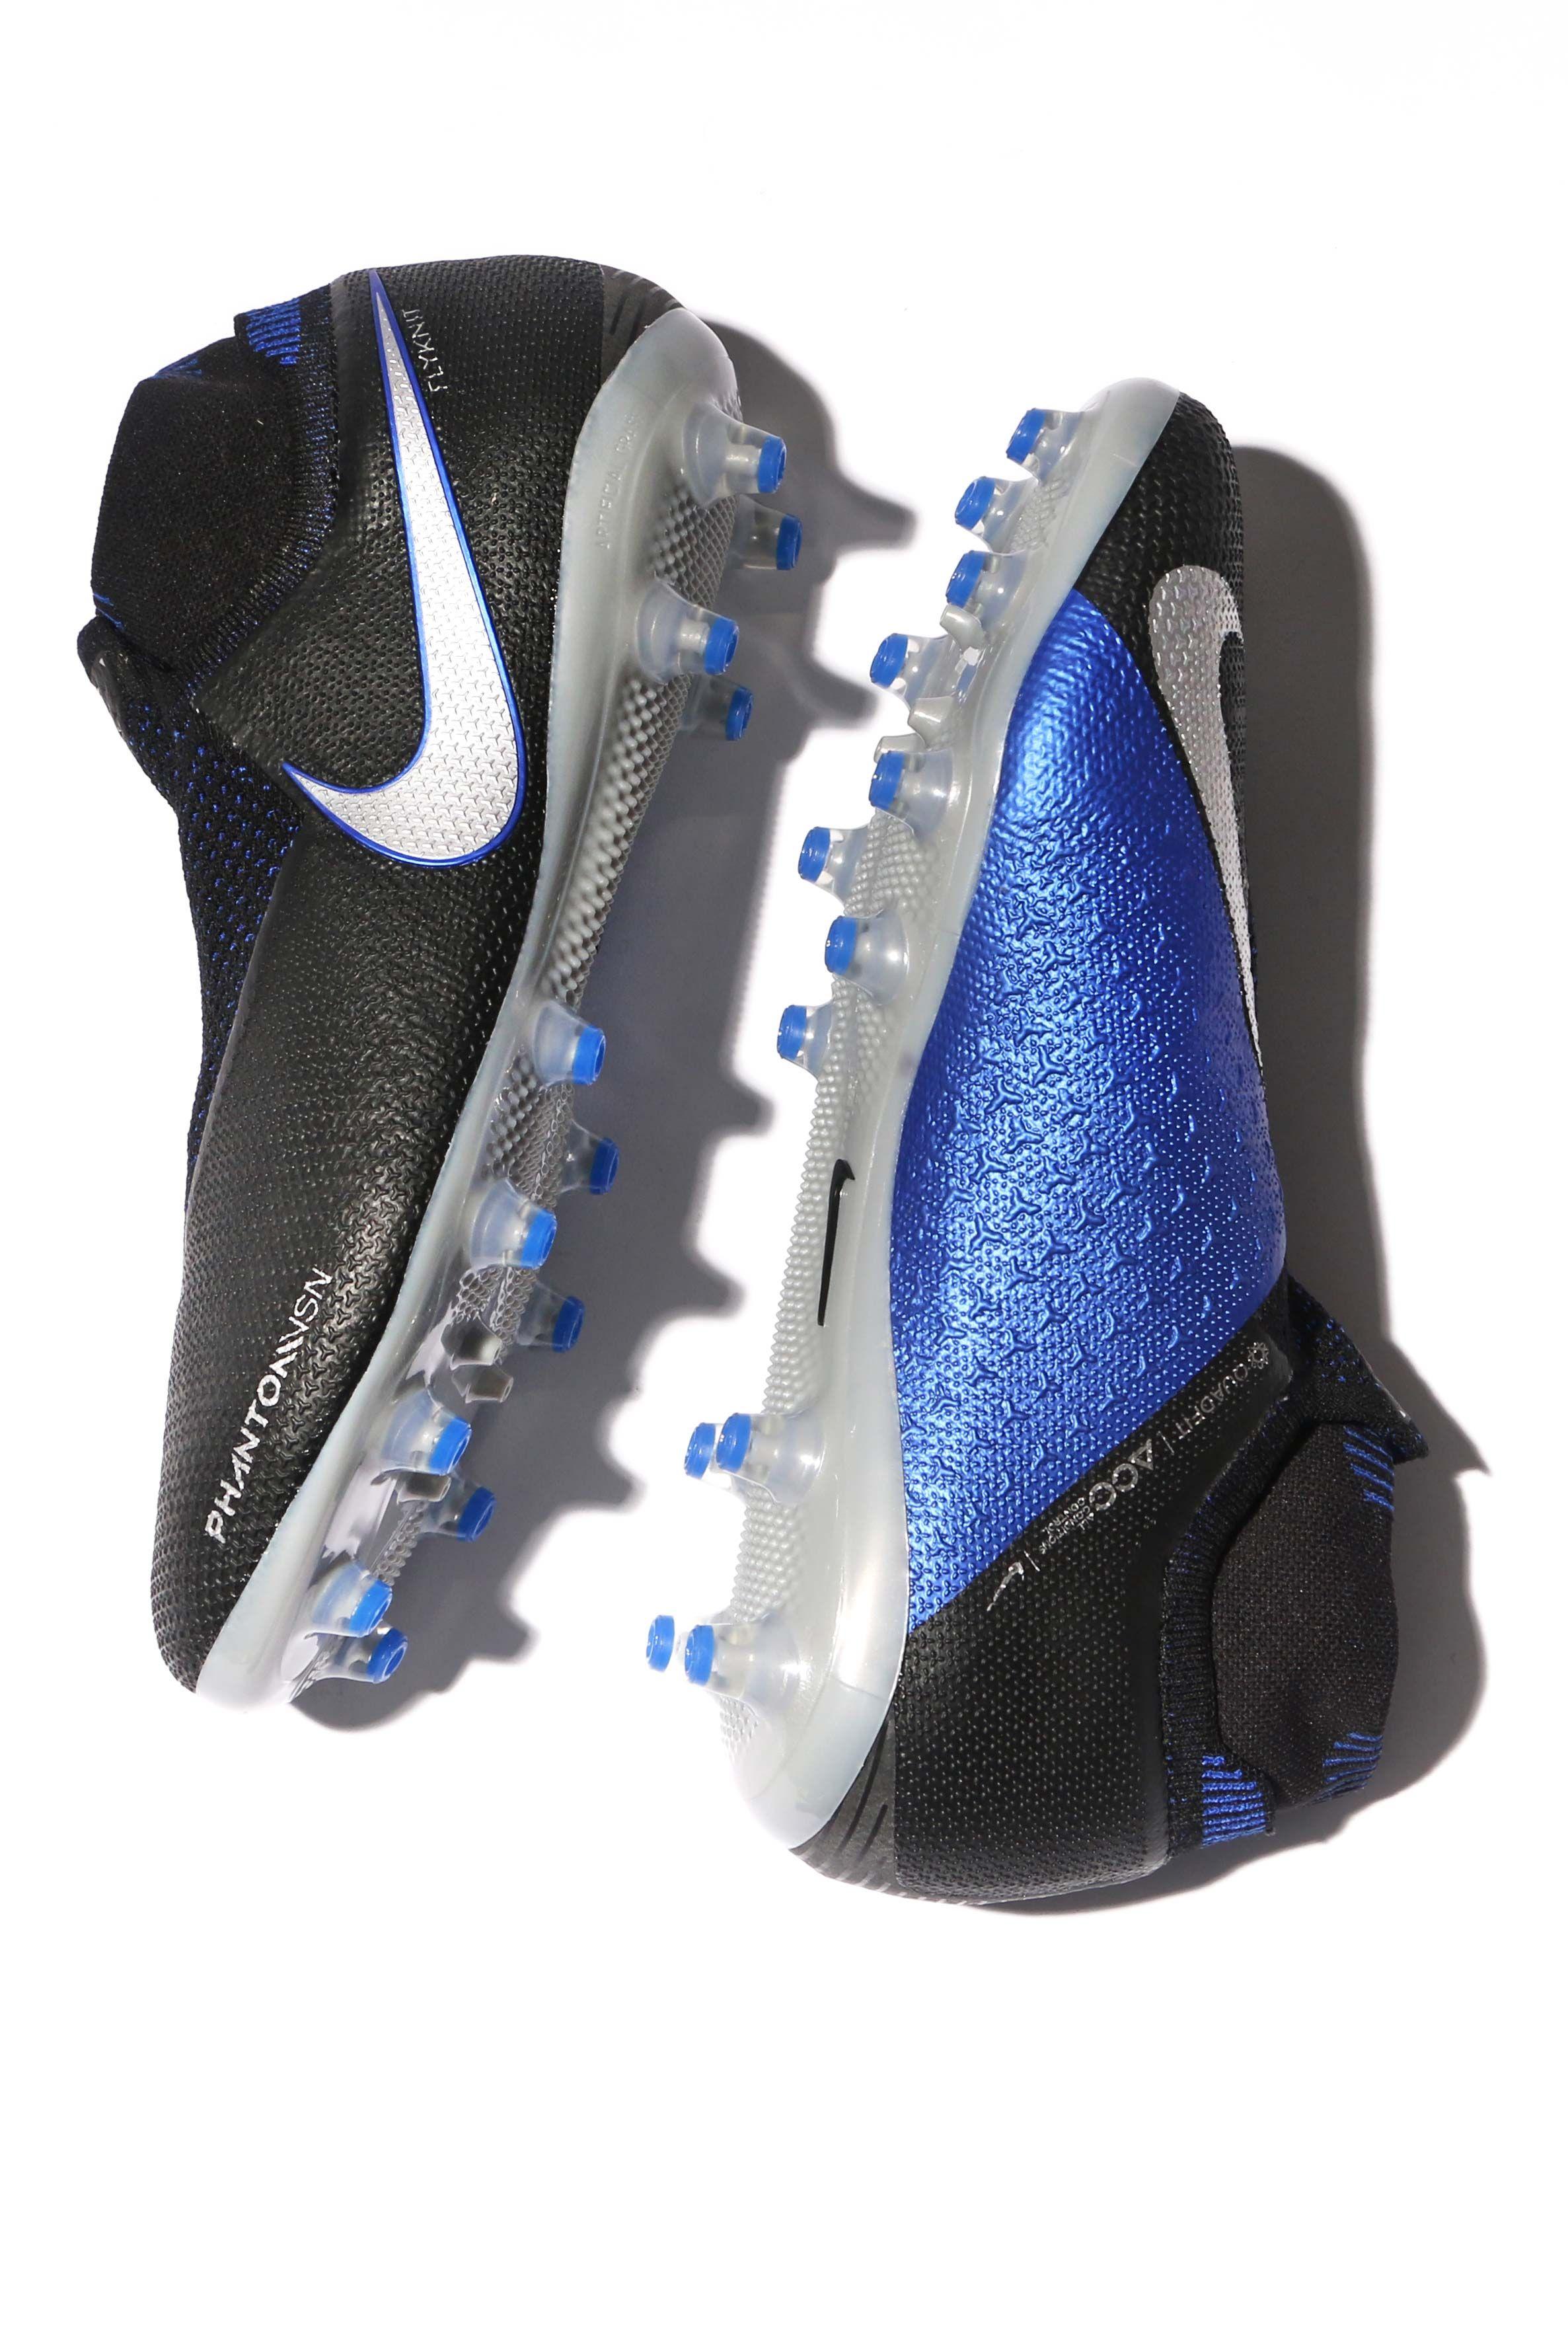 f98a37b77ec84 Botas de fútbol con tobillera Nike Phantom Vision Elite - negras y azules  Las  PhantomVsn